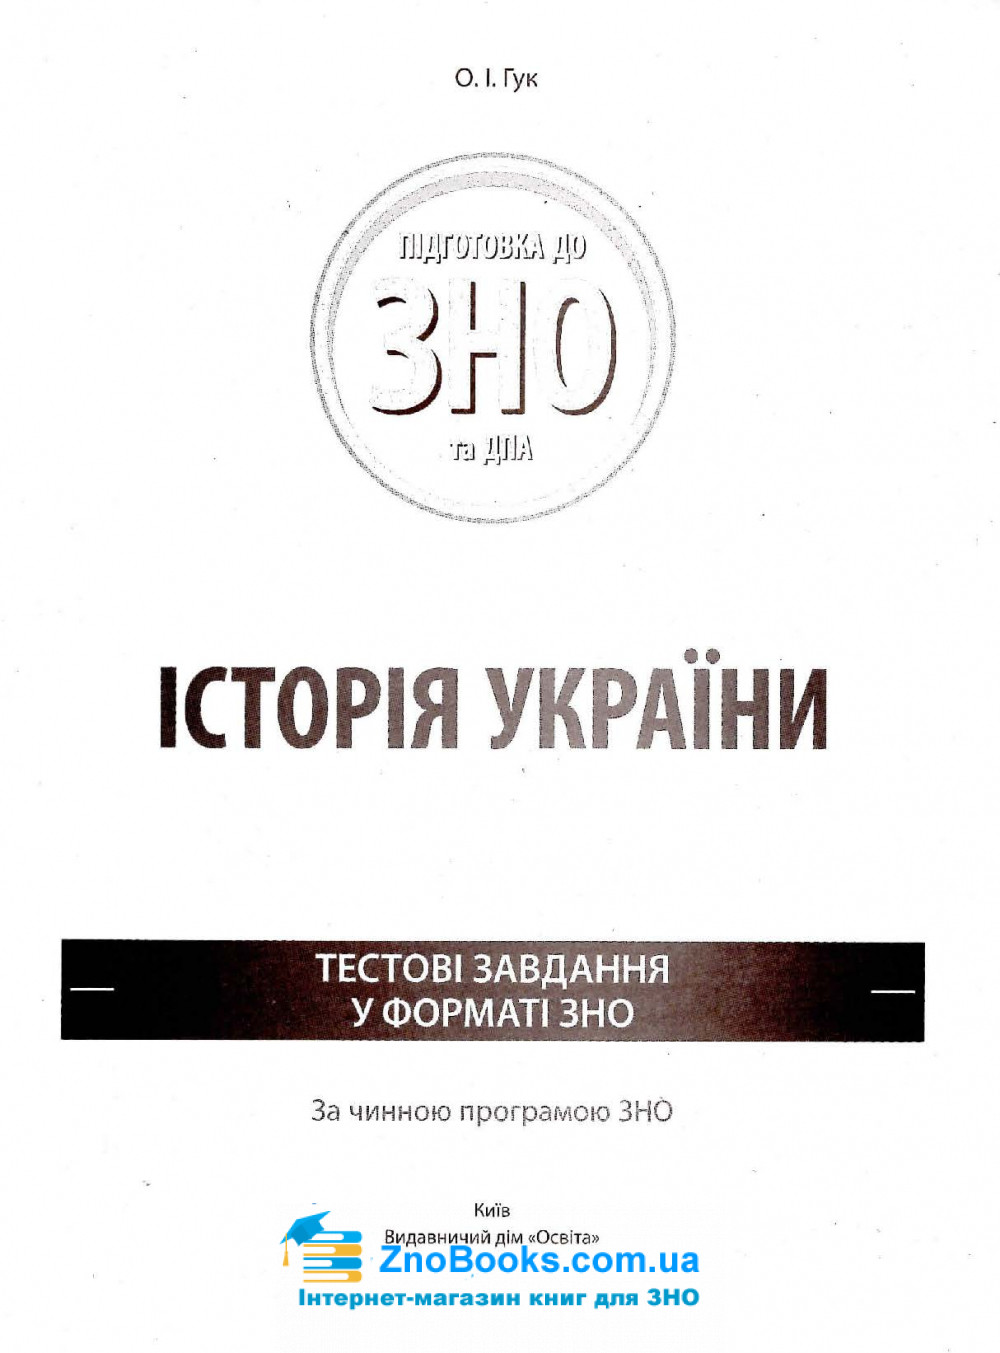 Історія України. Тестові завдання у форматі ЗНО 2021: Гук О. Освіта. купити 1